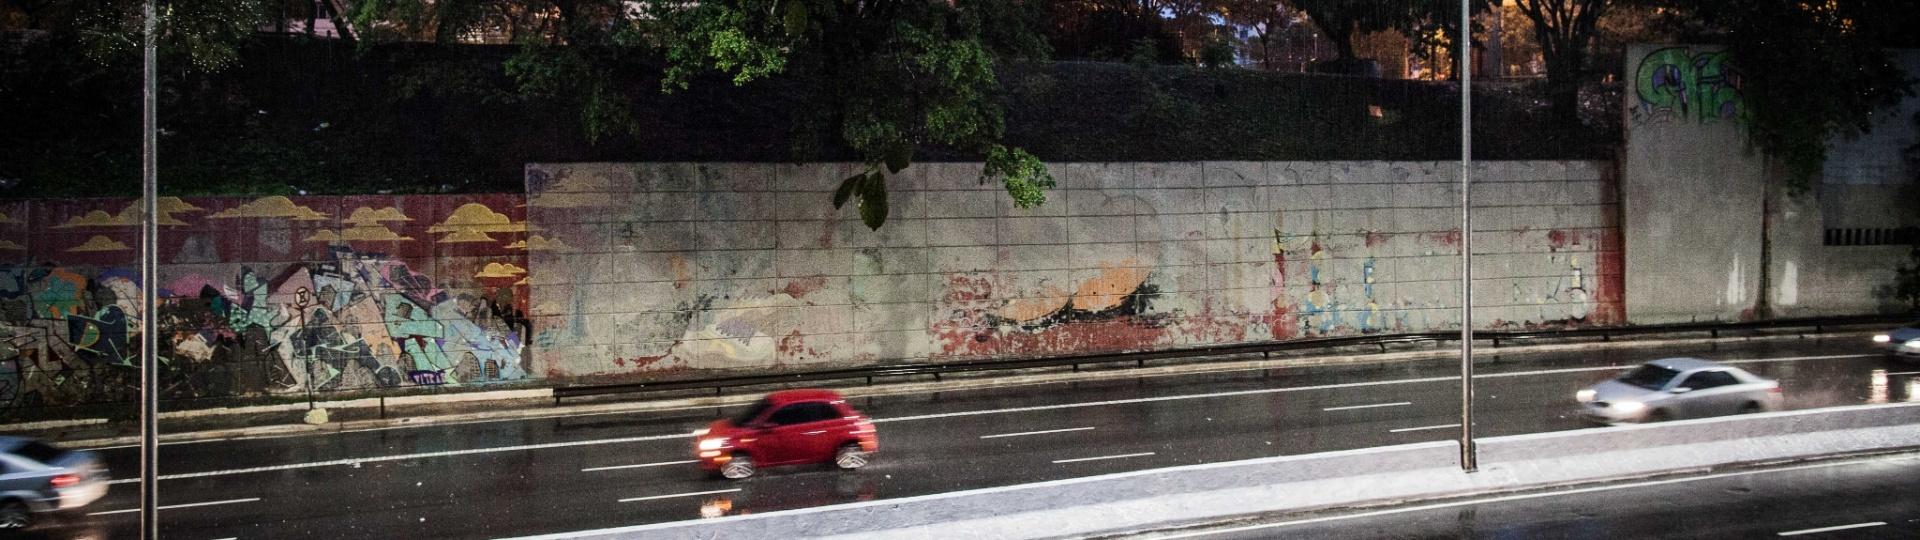 21.jan.2017 - Pintura feita pela prefeitura para cobrir grafites na avenida 23 de Maio desbotam com a chuva